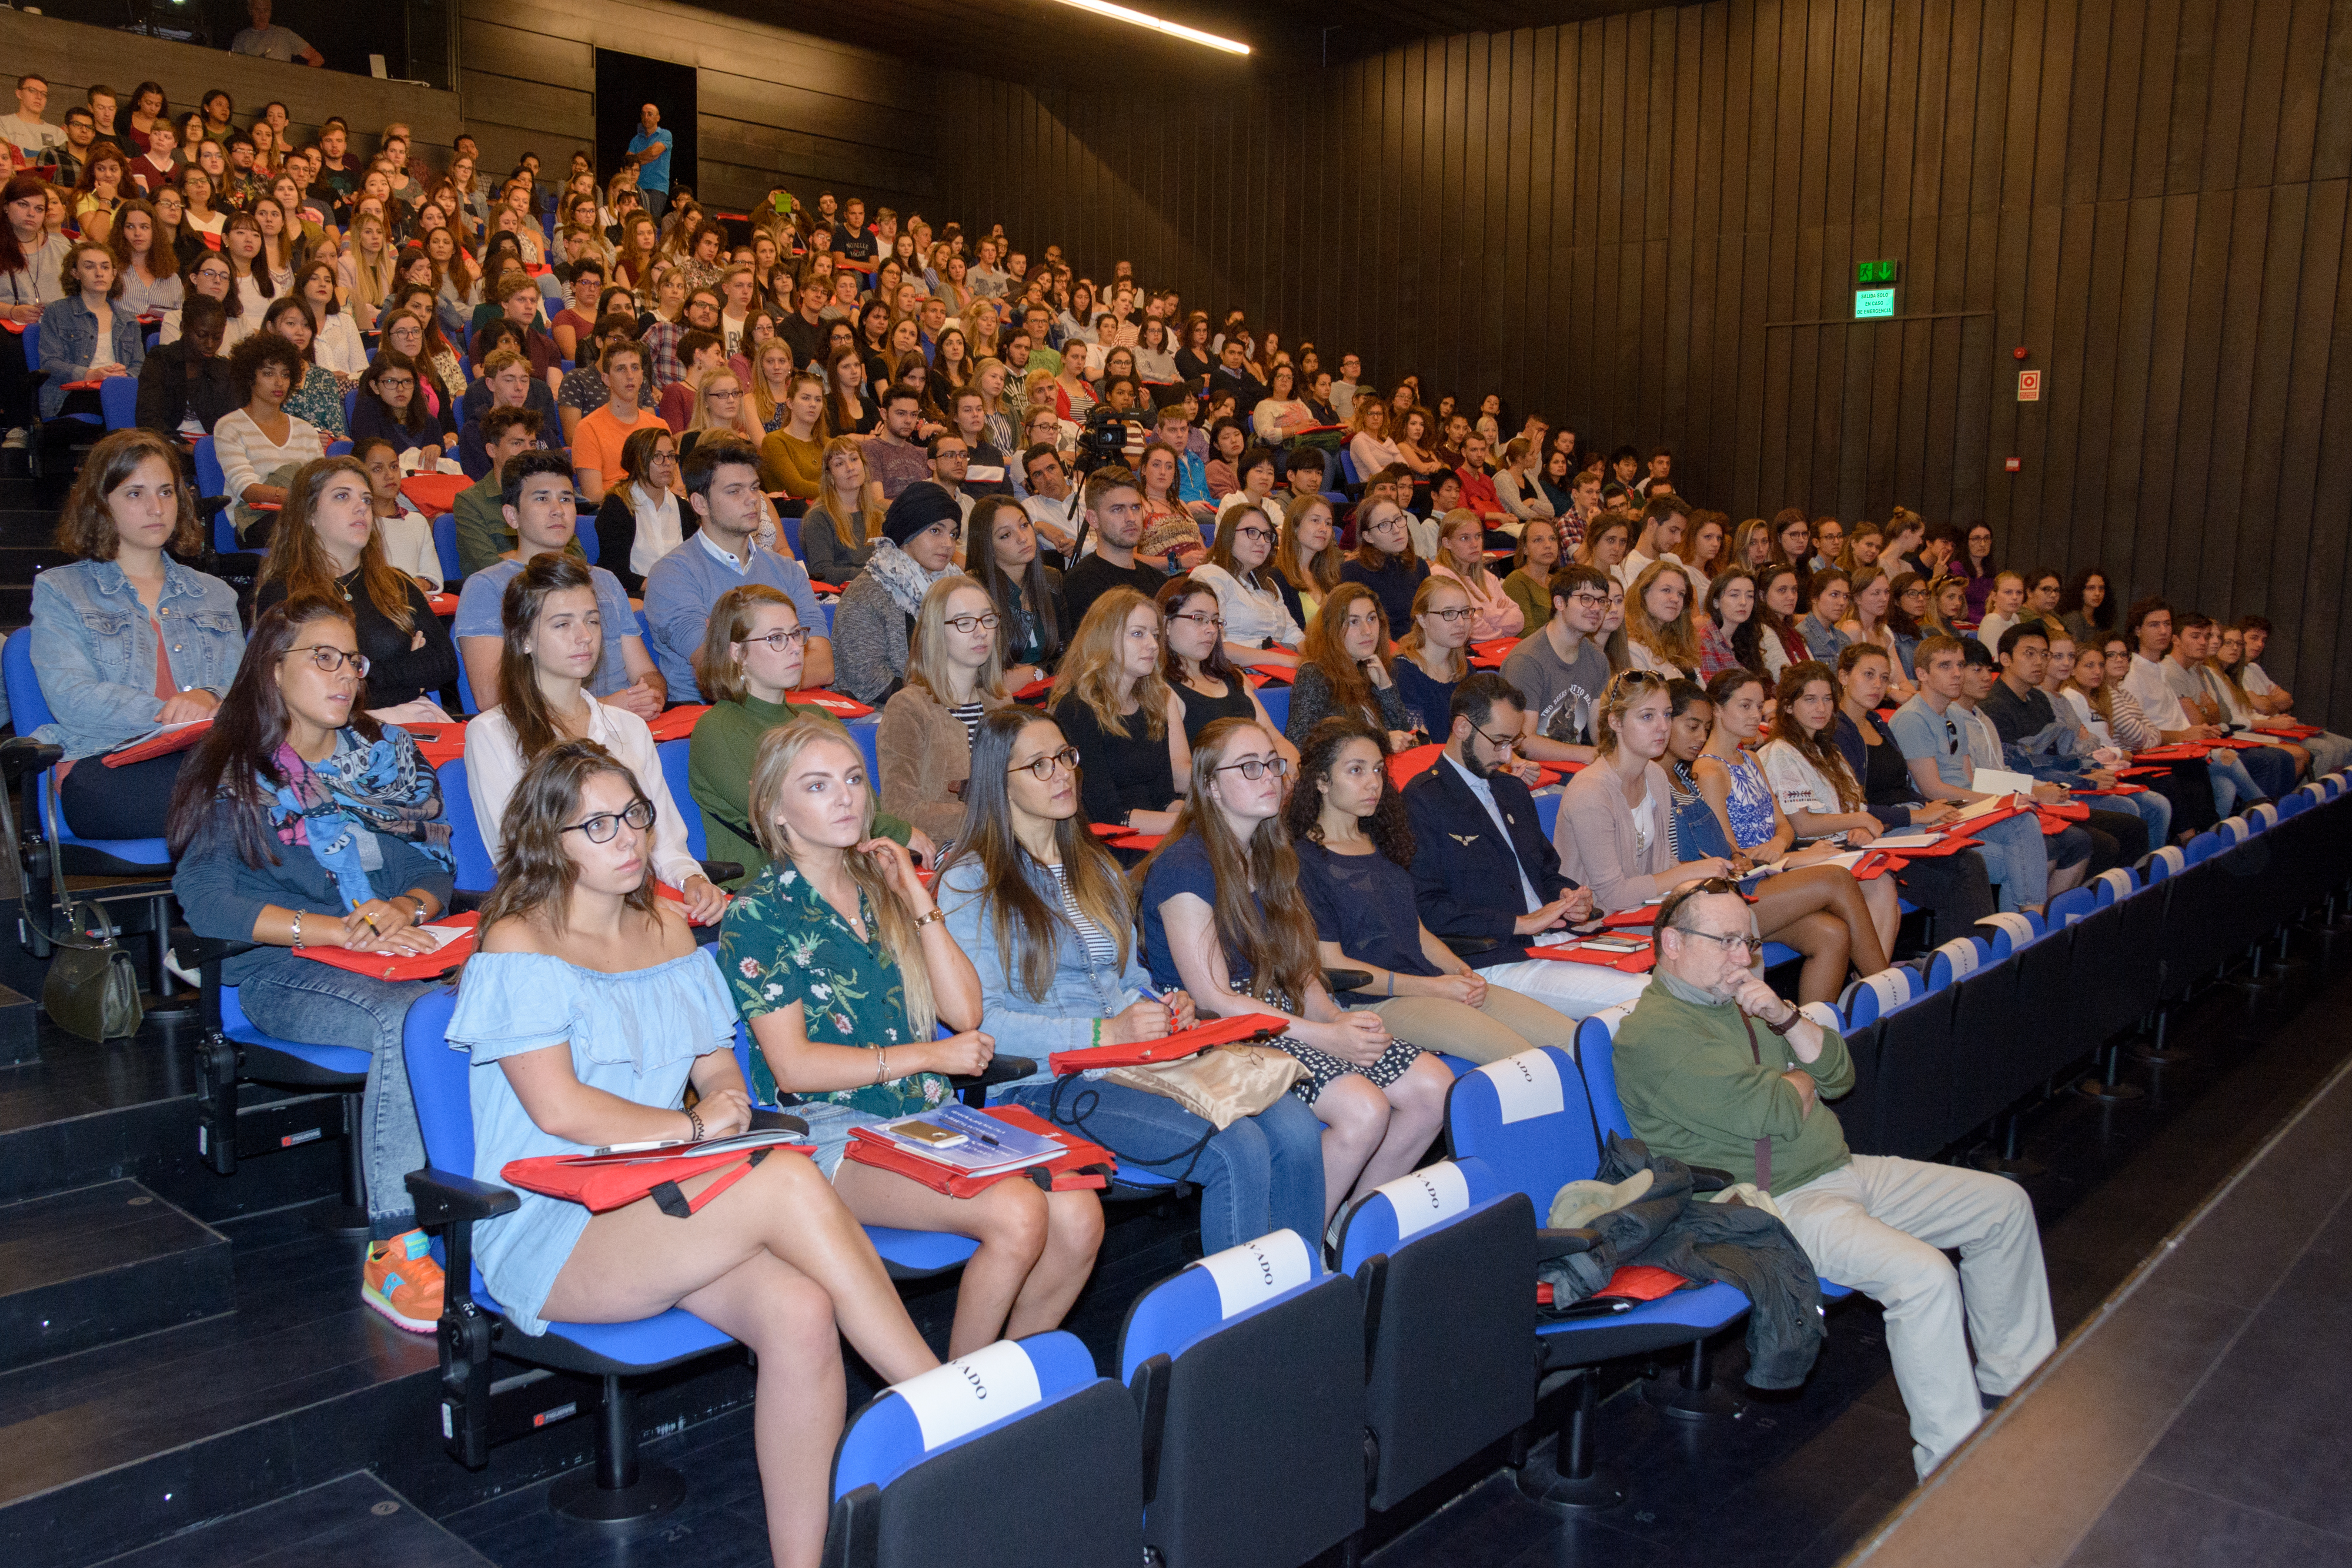 La Universidad de Salamanca recibe a 800 estudiantes extranjeros de los programas de movilidad internacional